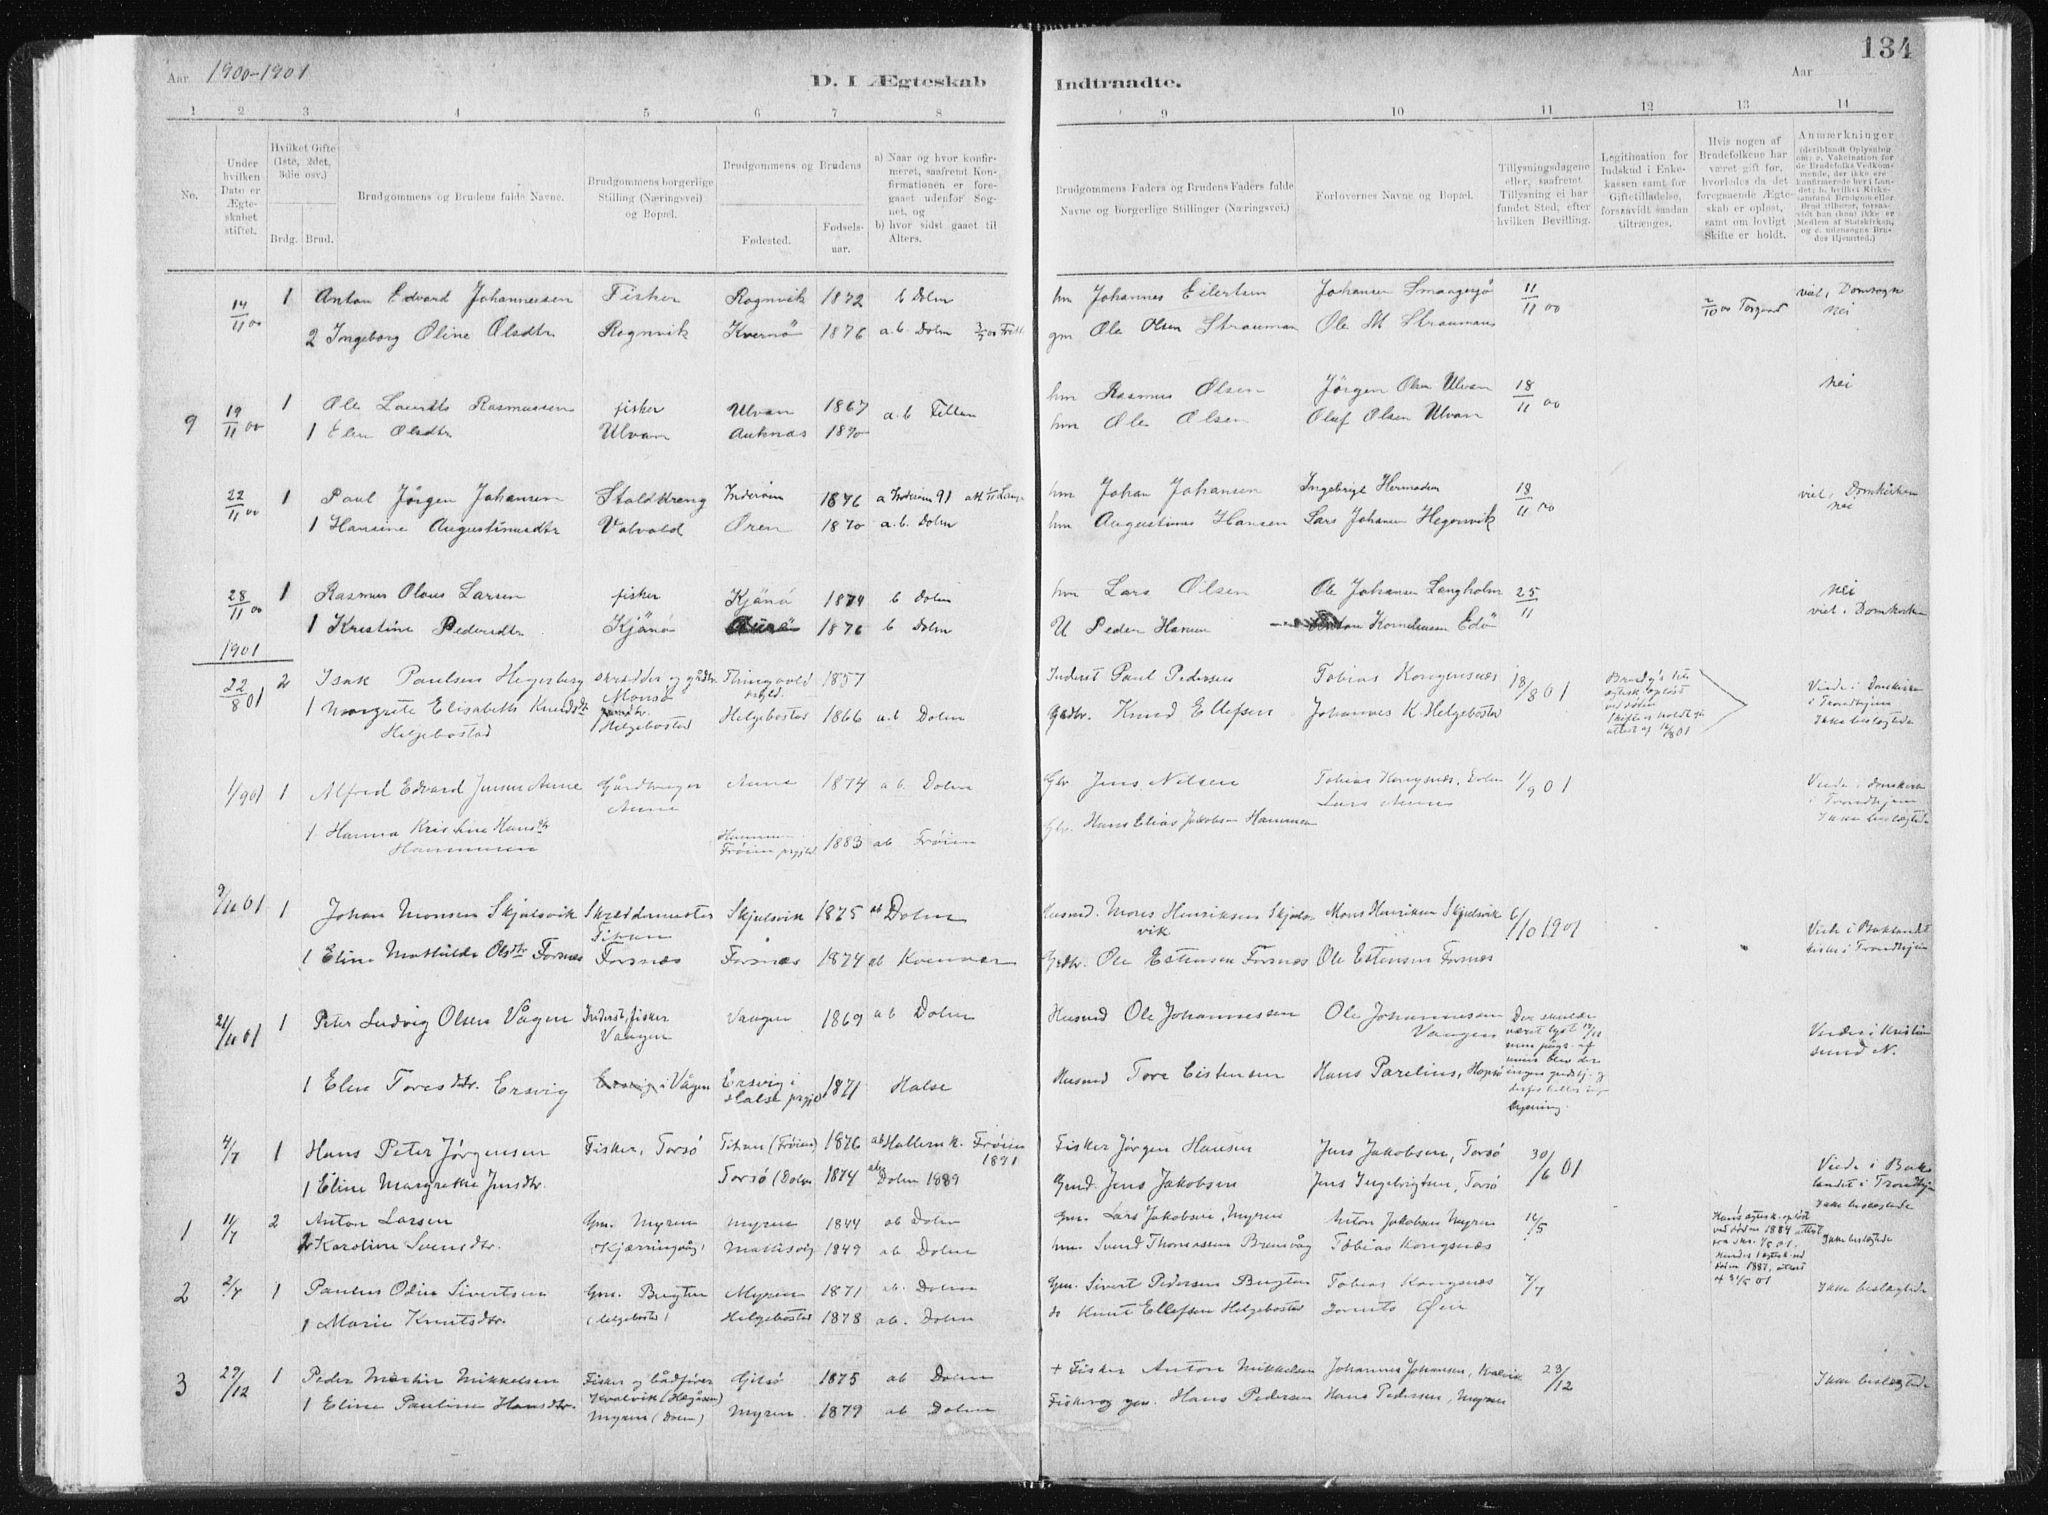 SAT, Ministerialprotokoller, klokkerbøker og fødselsregistre - Sør-Trøndelag, 634/L0533: Ministerialbok nr. 634A09, 1882-1901, s. 134